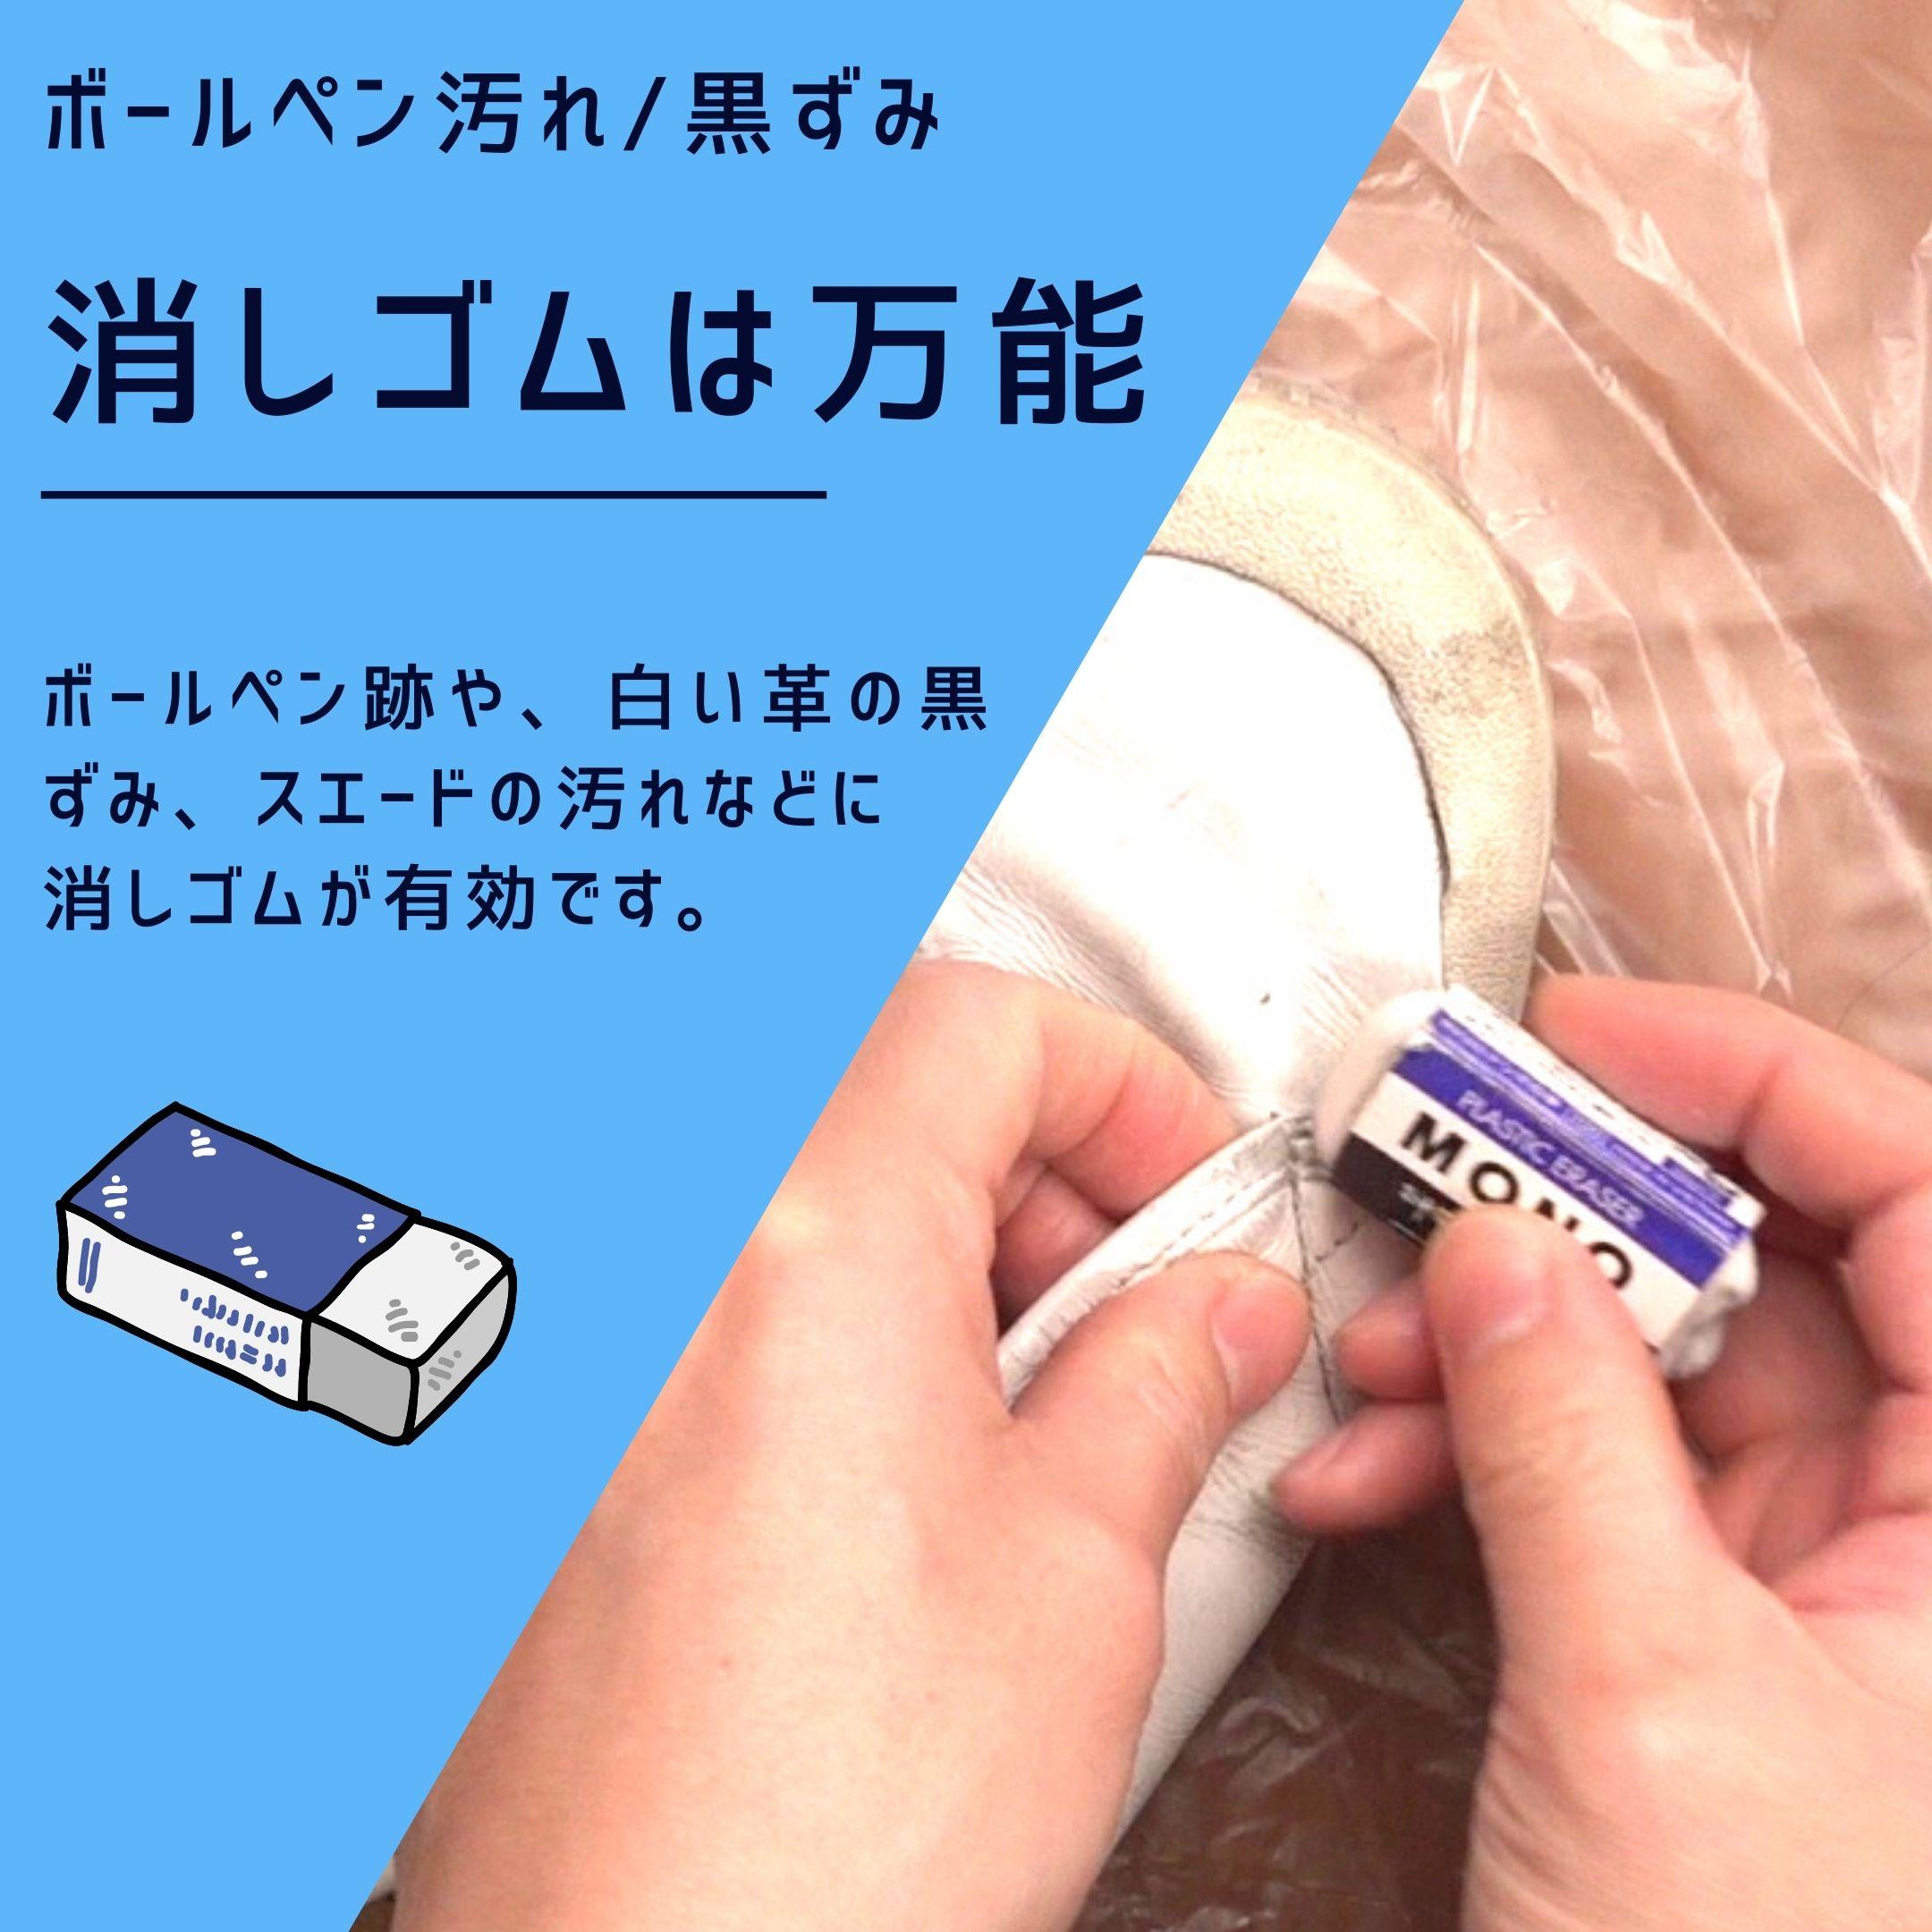 革のクリーニングに消しゴムが有効